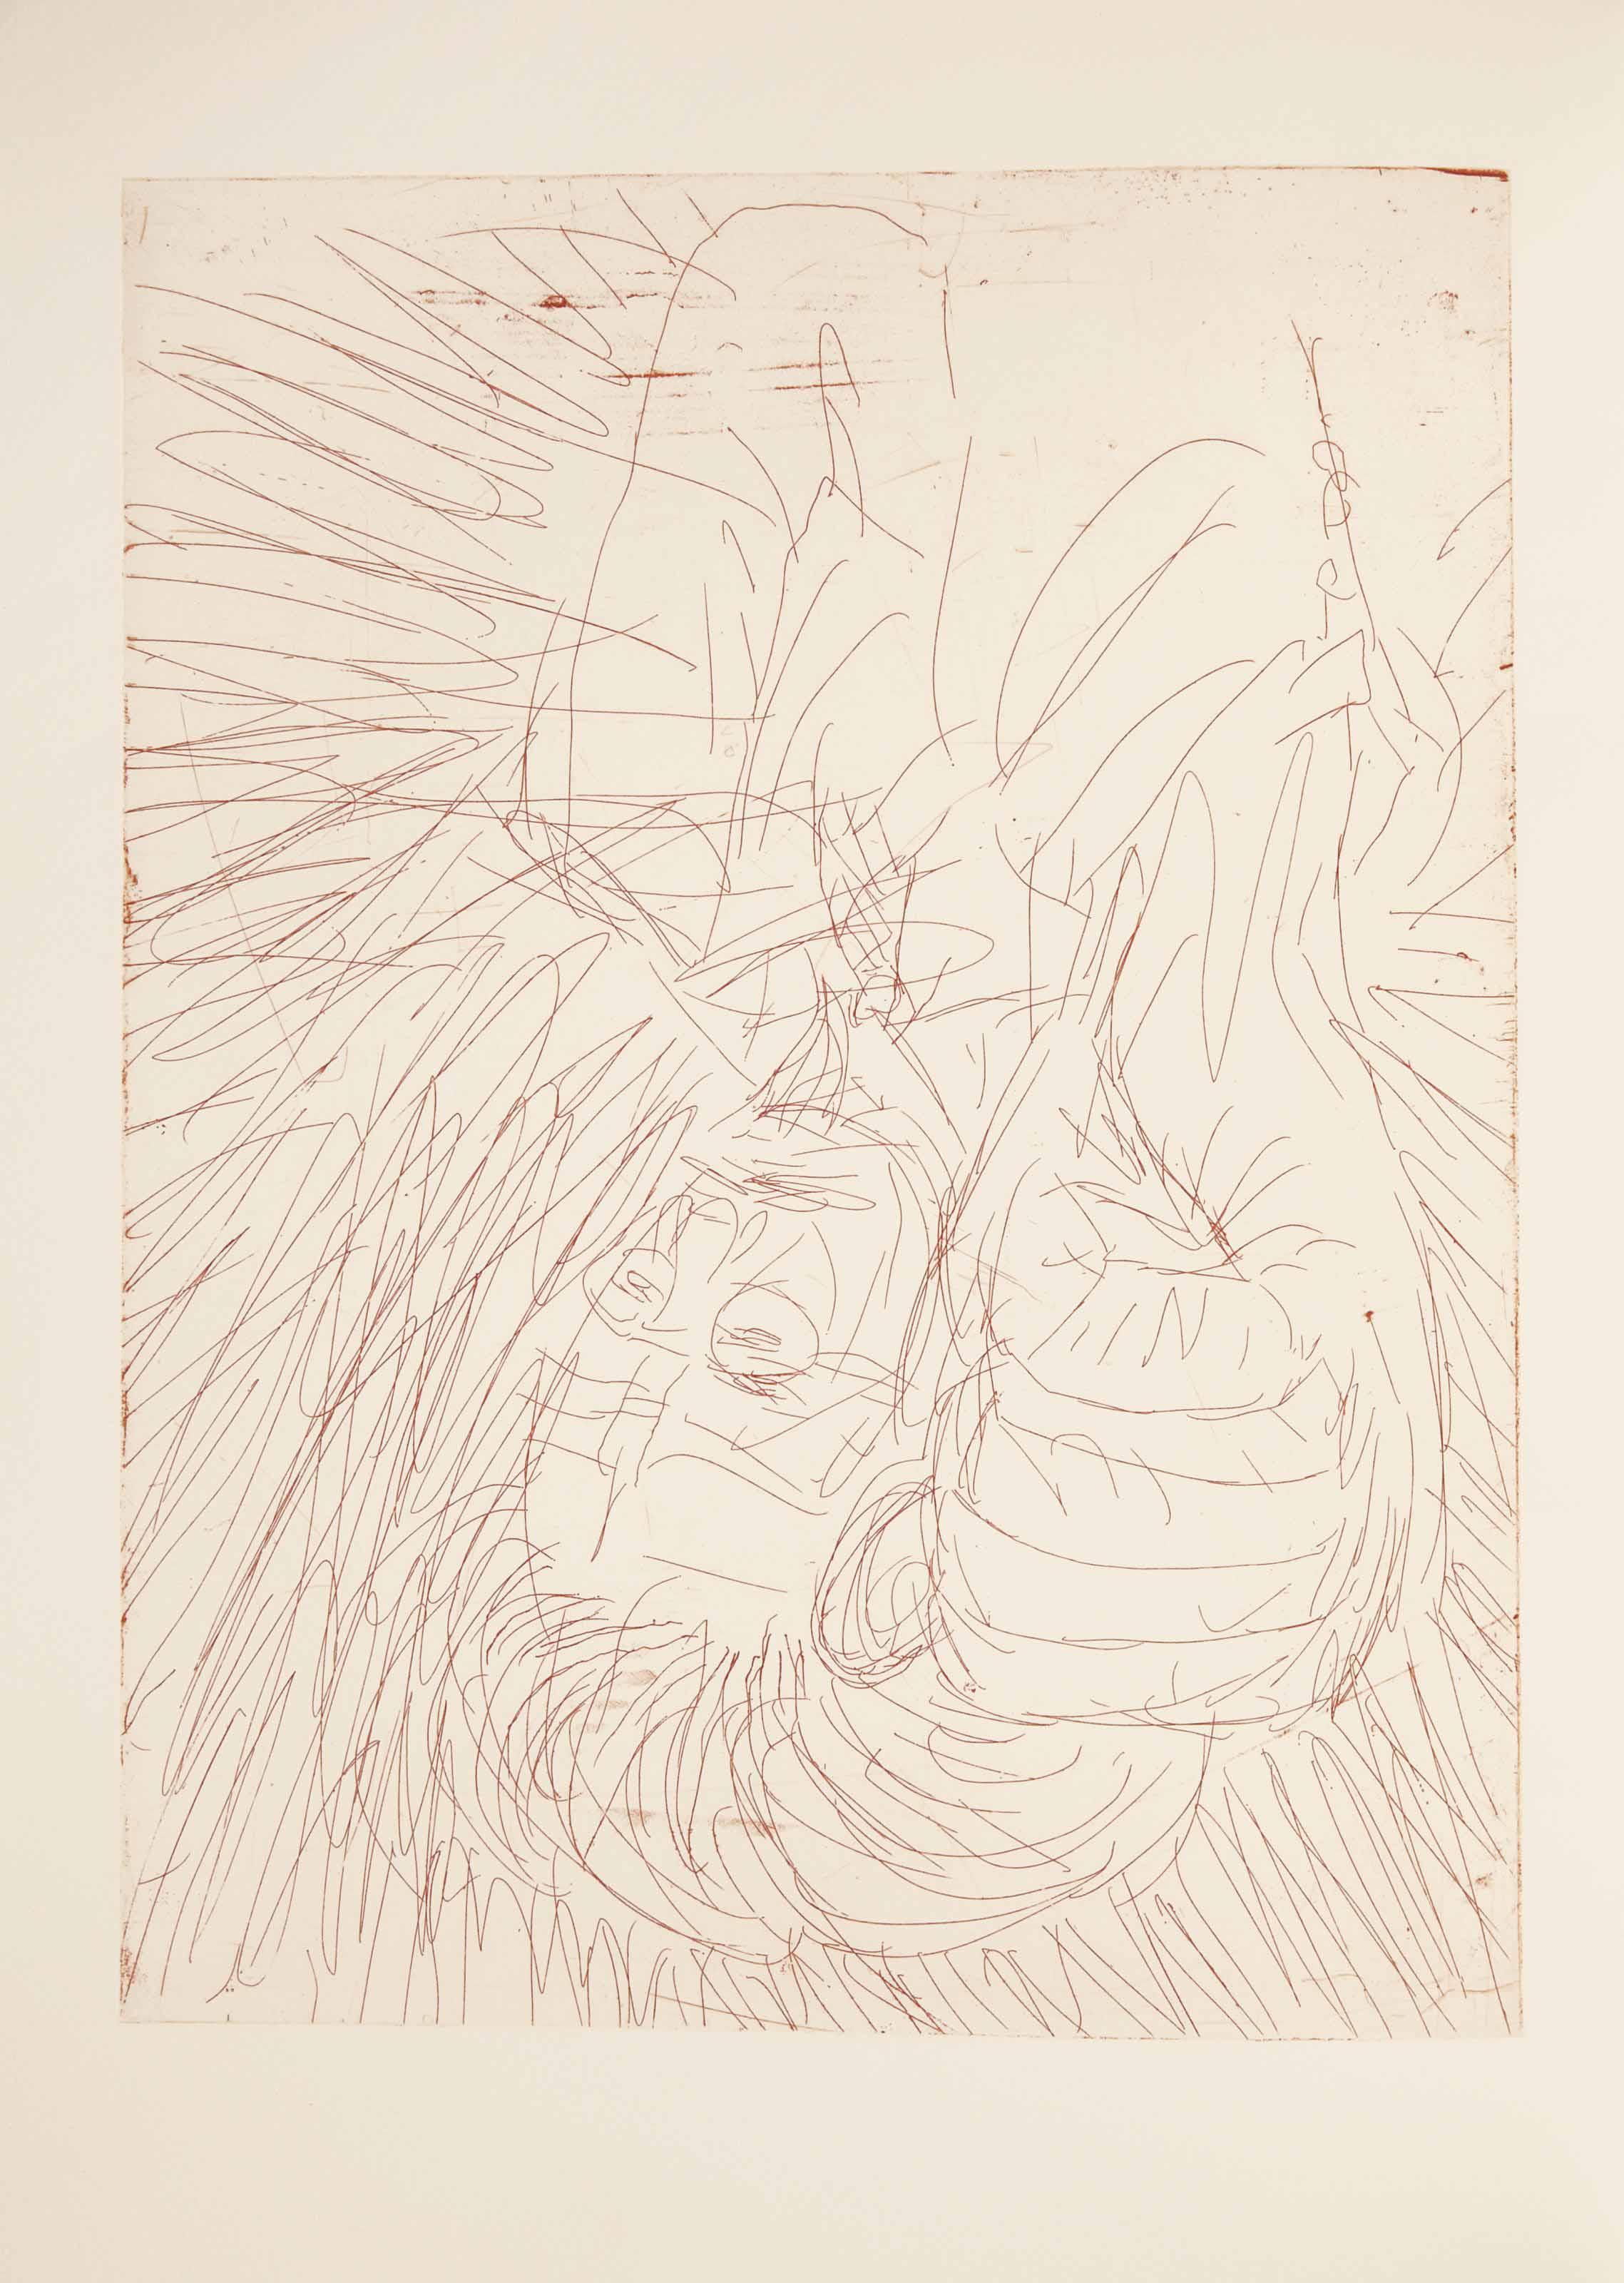 [BASELITZ] -- ARTAUD, Antonin (1896-1948). Le Théâtre de Séraphin. Avec huit gravures originales de Georg Baselitz et une partition inédite de Wolfgang Rihm. Paris: Éditions du Solstice, 2003.